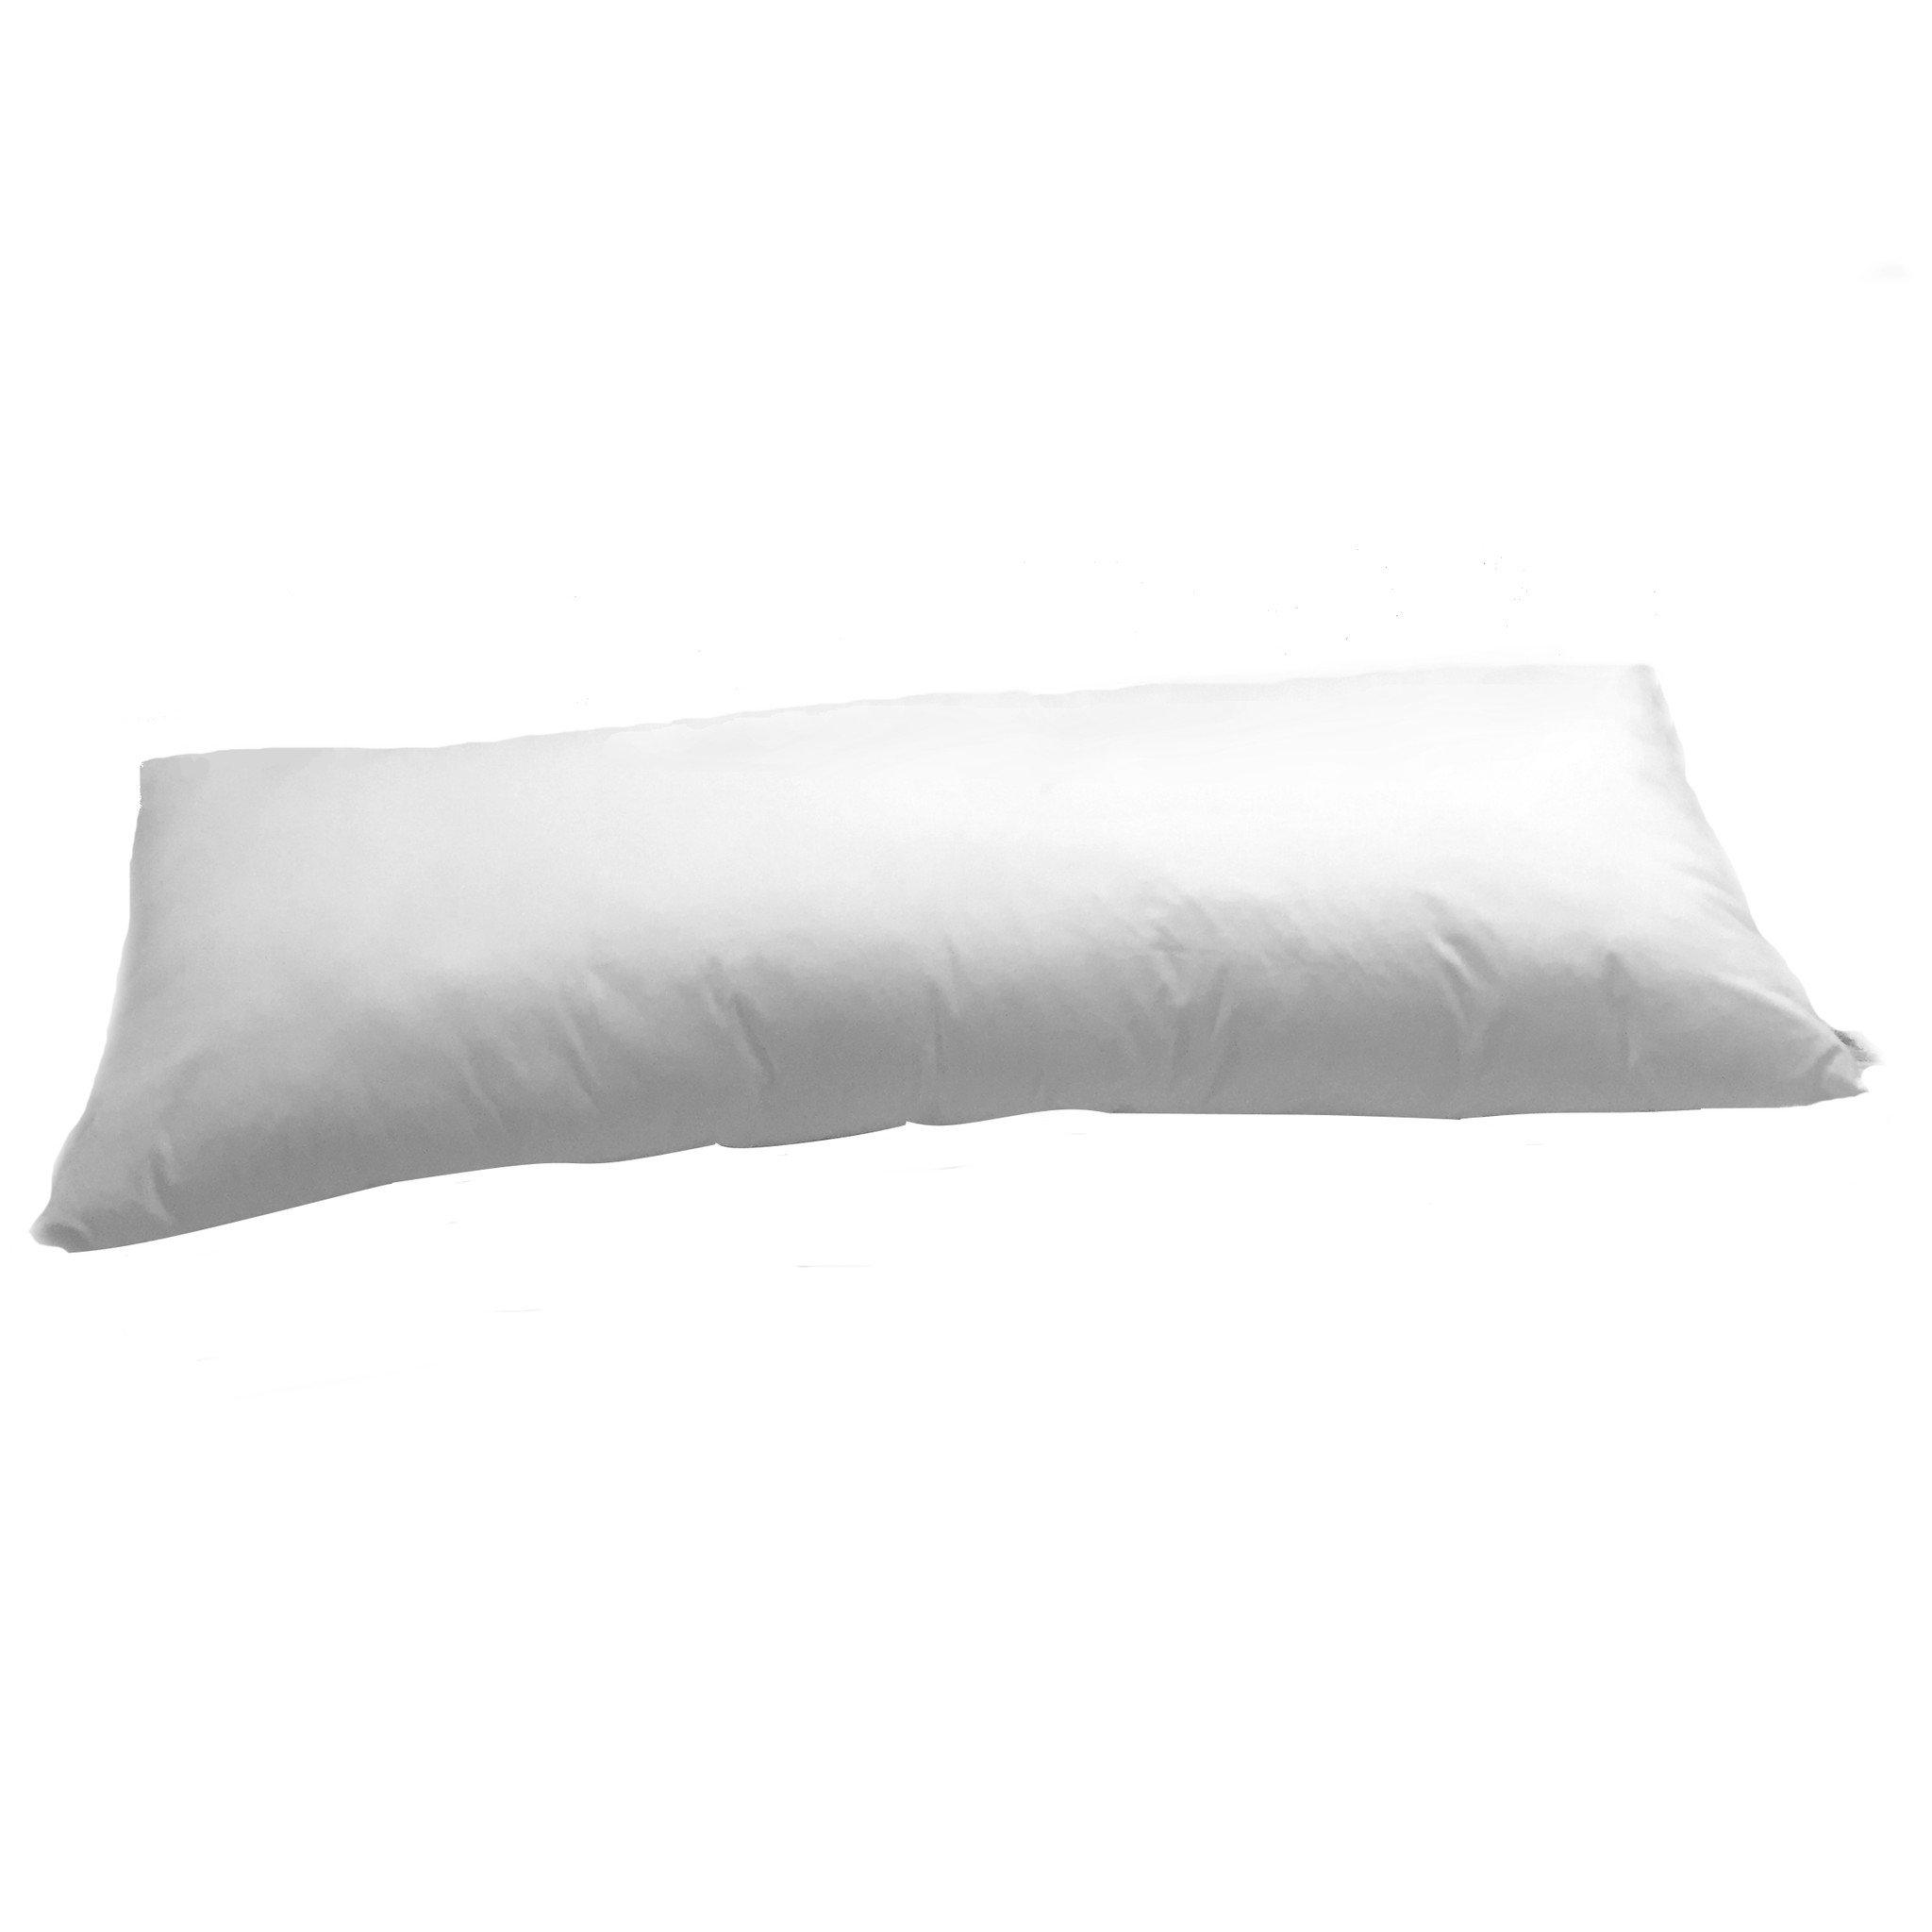 Putnam Ladyeaze Pregnancy Pillow for